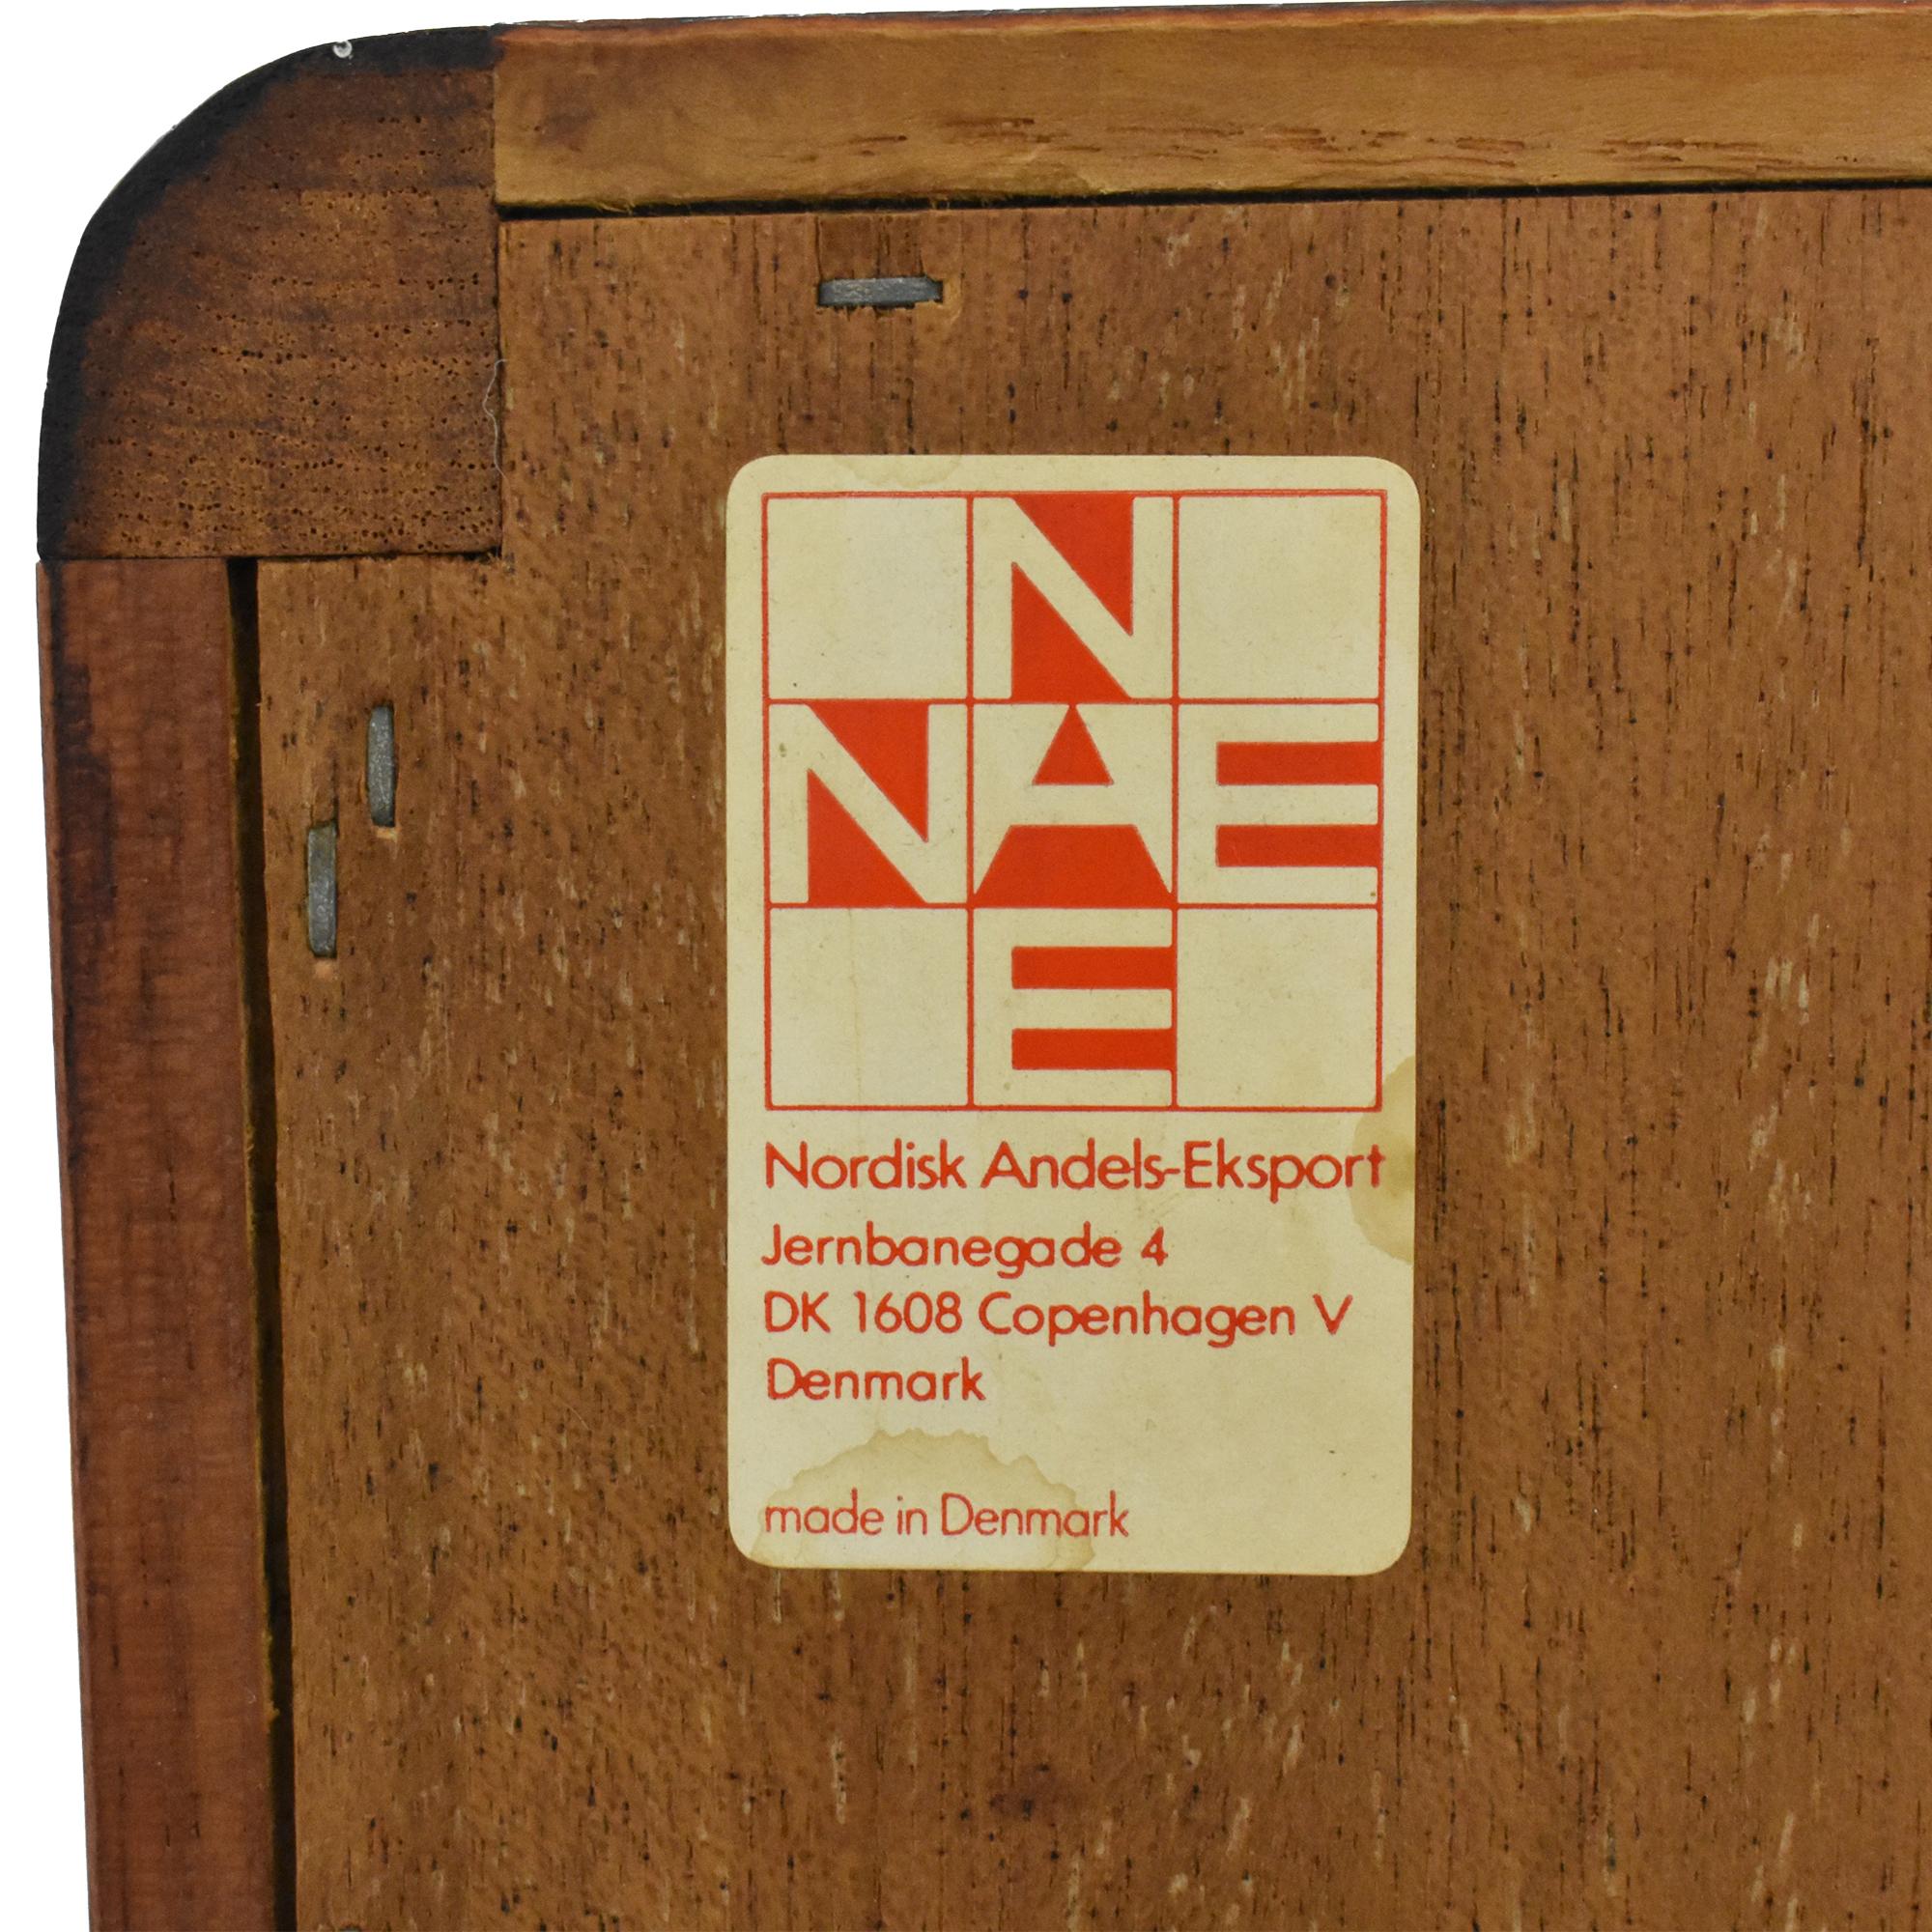 Nordisk Andels-Eksport Pocket Door Buffet sale